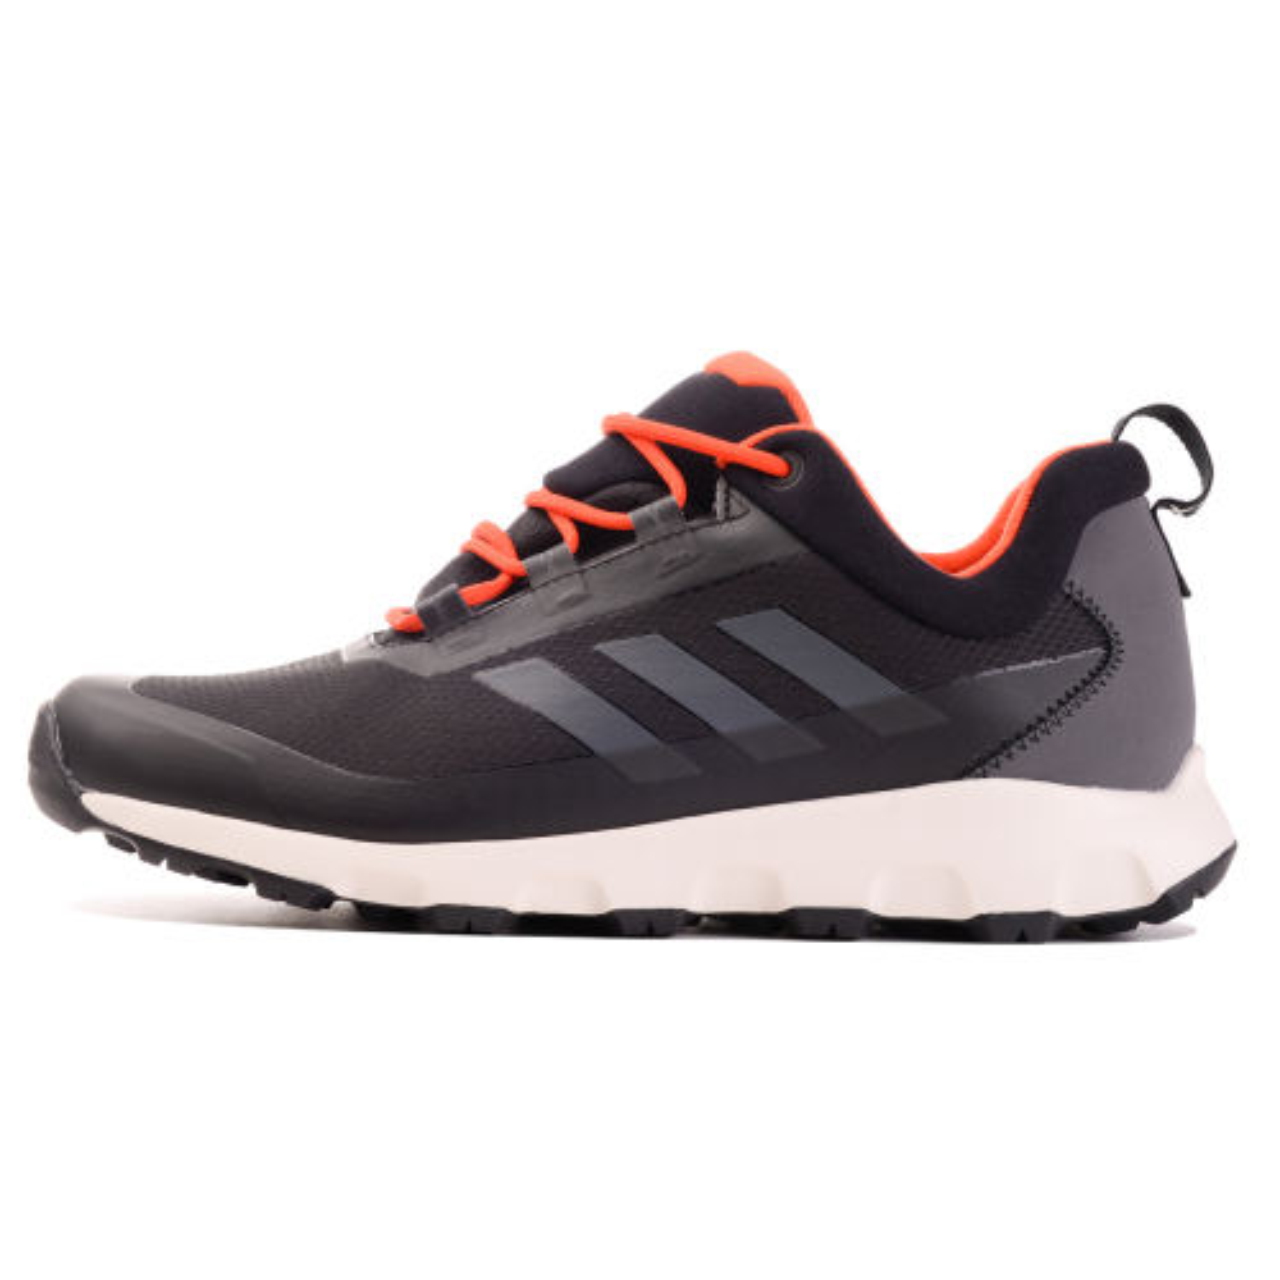 کفش مخصوص دویدن مردانه آدیداس مدل  TREEX کد 6765-098